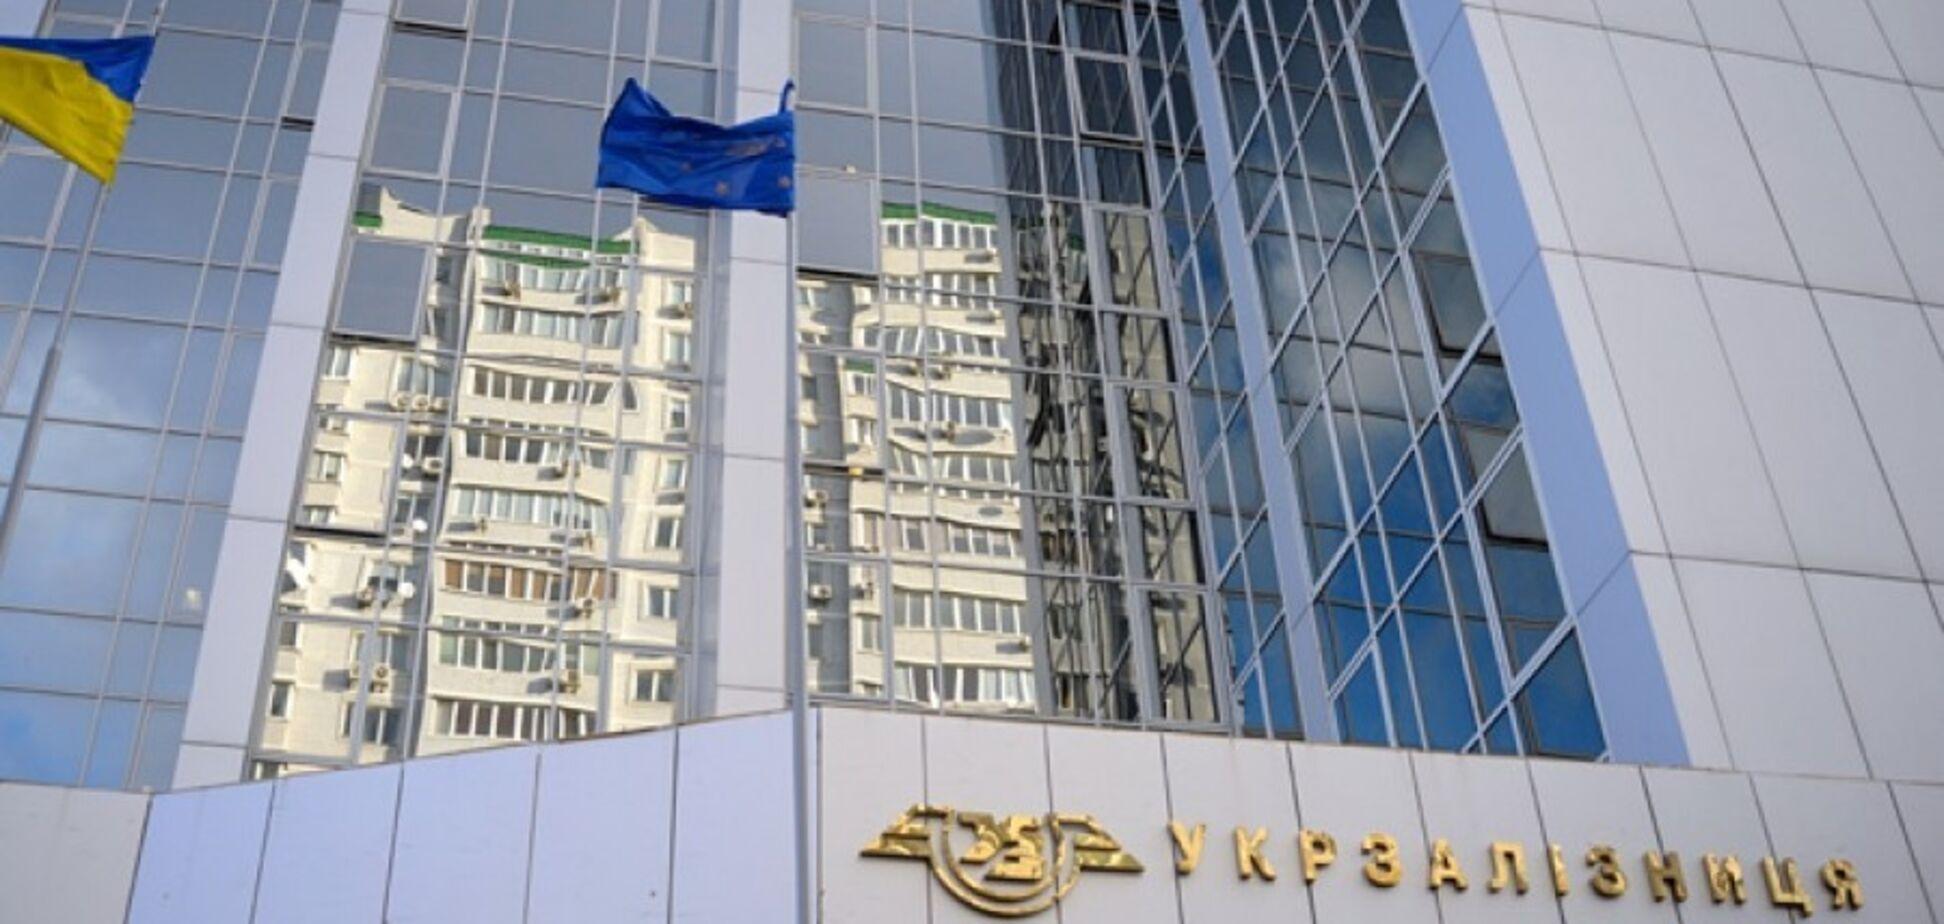 'Погрози не діють': 'Укрзалізниці' заблокували всі тендери на купівлю палива